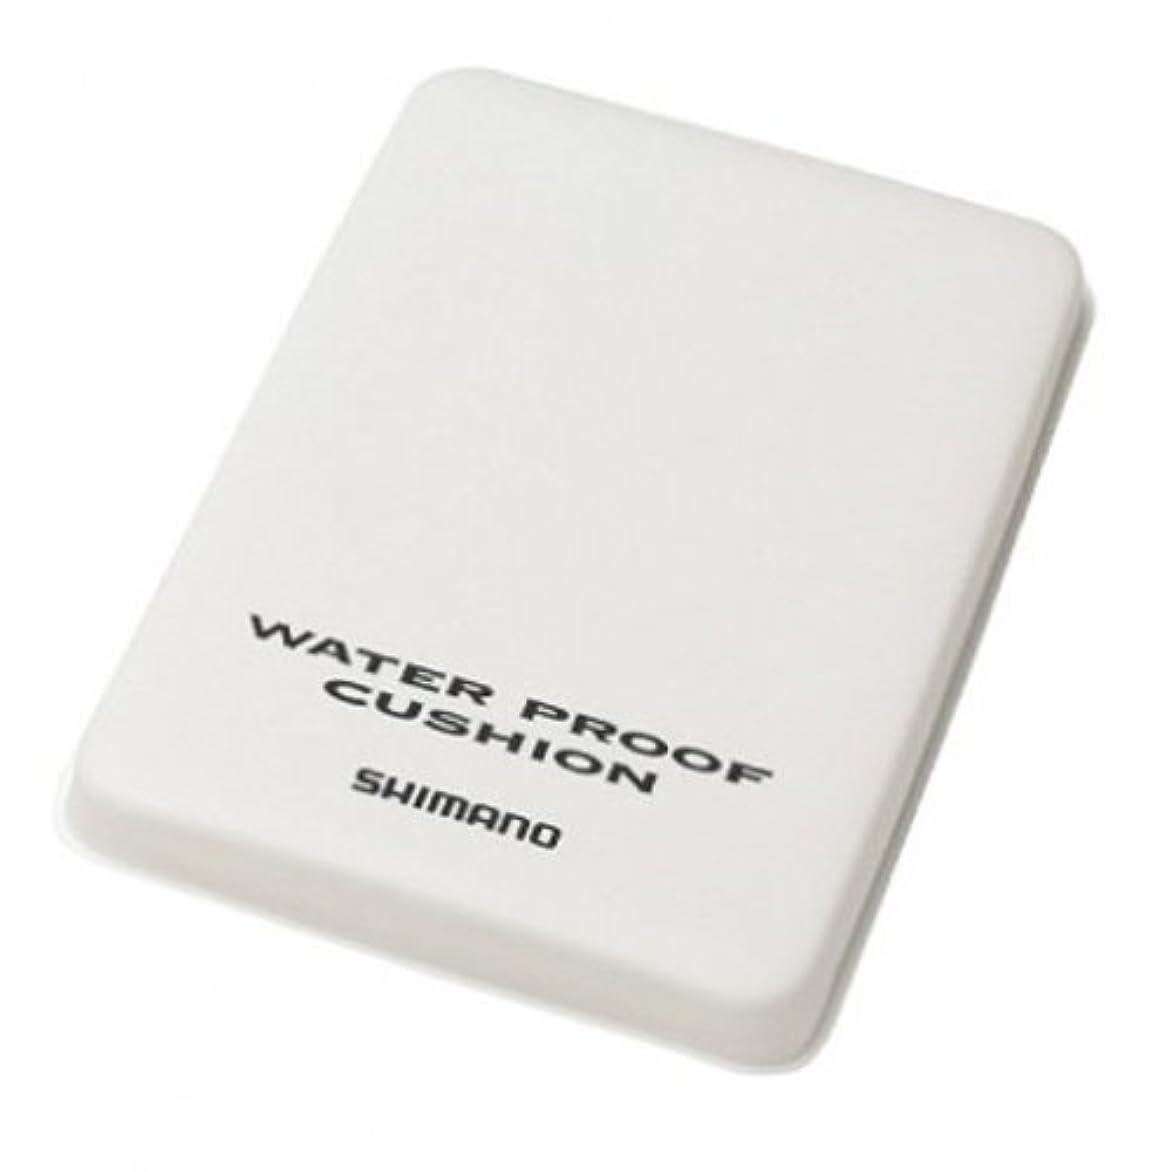 独占兄弟愛僕のシマノ 防水クッション ZB-051G S ホワイト 975874